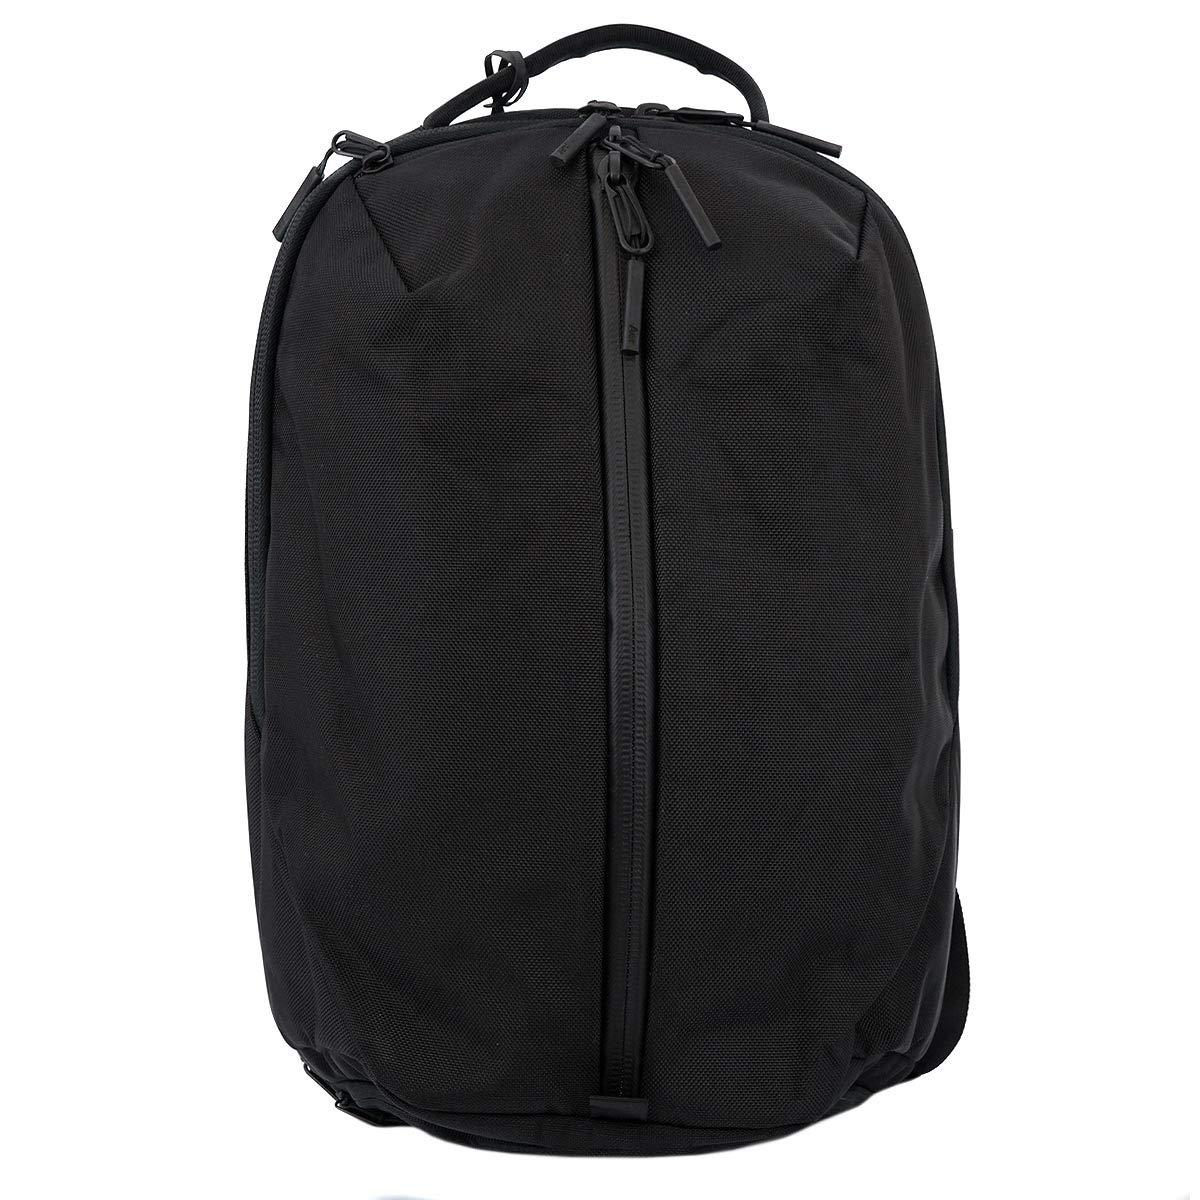 [エアー] Aer バックパック Fit Pack 2 Black 男女兼用 18.8L BLACK [並行輸入品] B07SRGVRQF